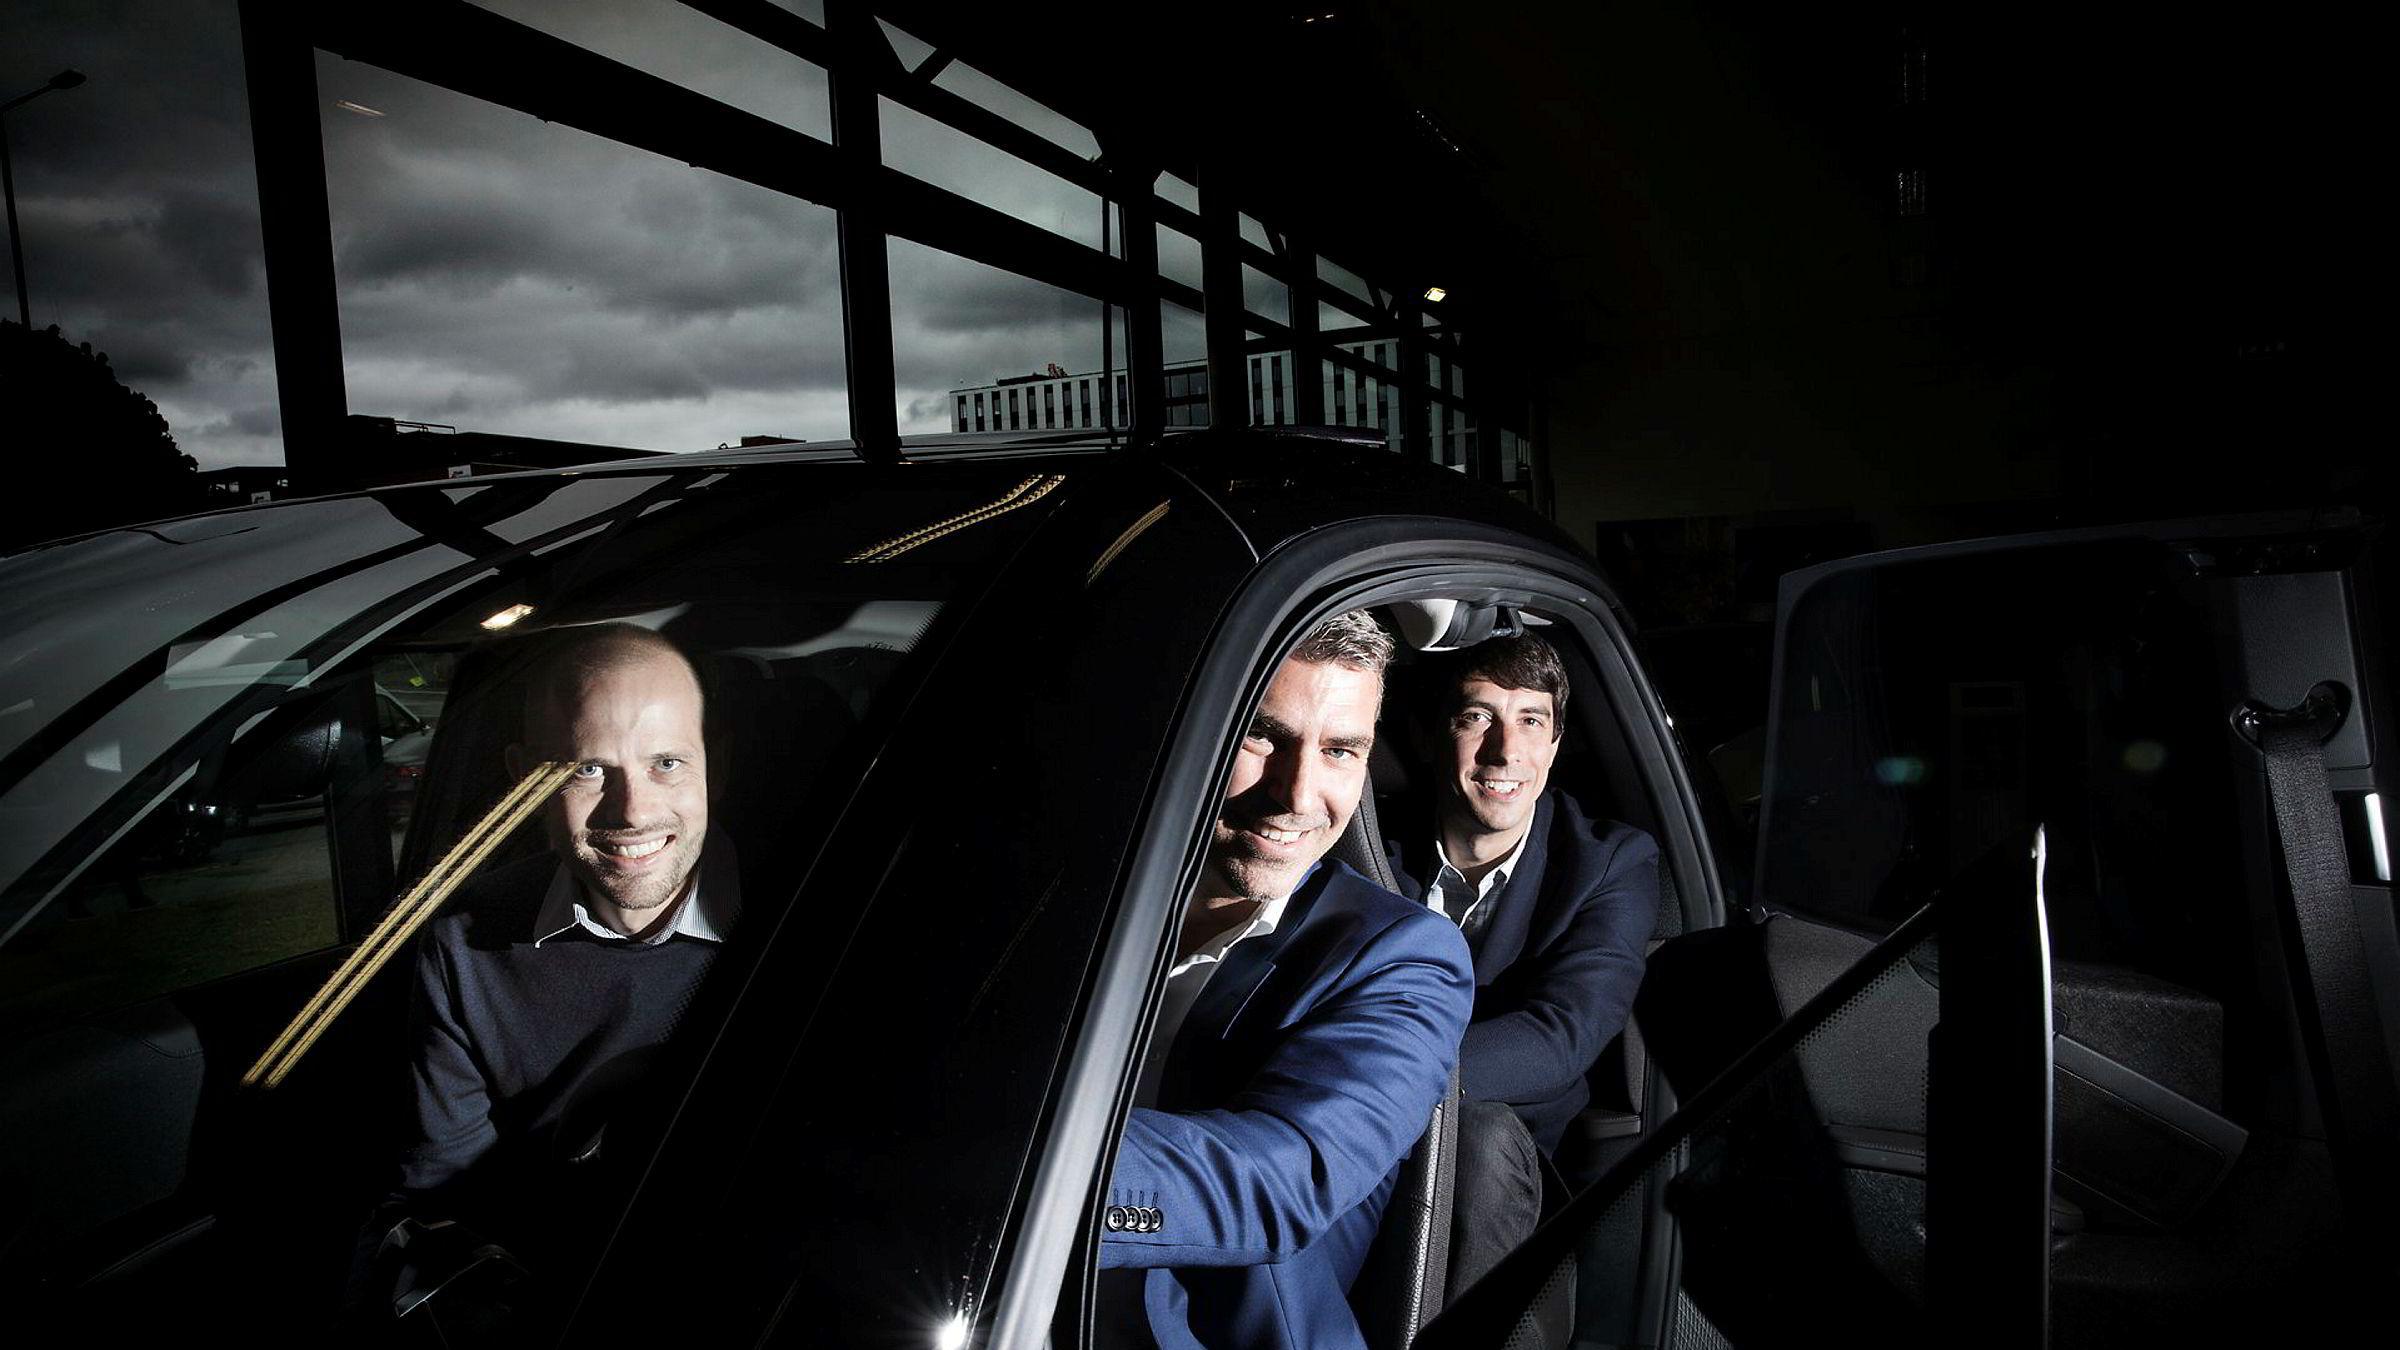 Rasmus Myklebust, (til venstre) daglig leder i SammeVei har fått med seg Jacob Tveraabak, konsernsjef Miklagruppen og David Piperno, finansdirektør i det amerikanske bildelingsselskapet Fasten, som samkjørere for å få fart på samkjøringsappen Sammevei.